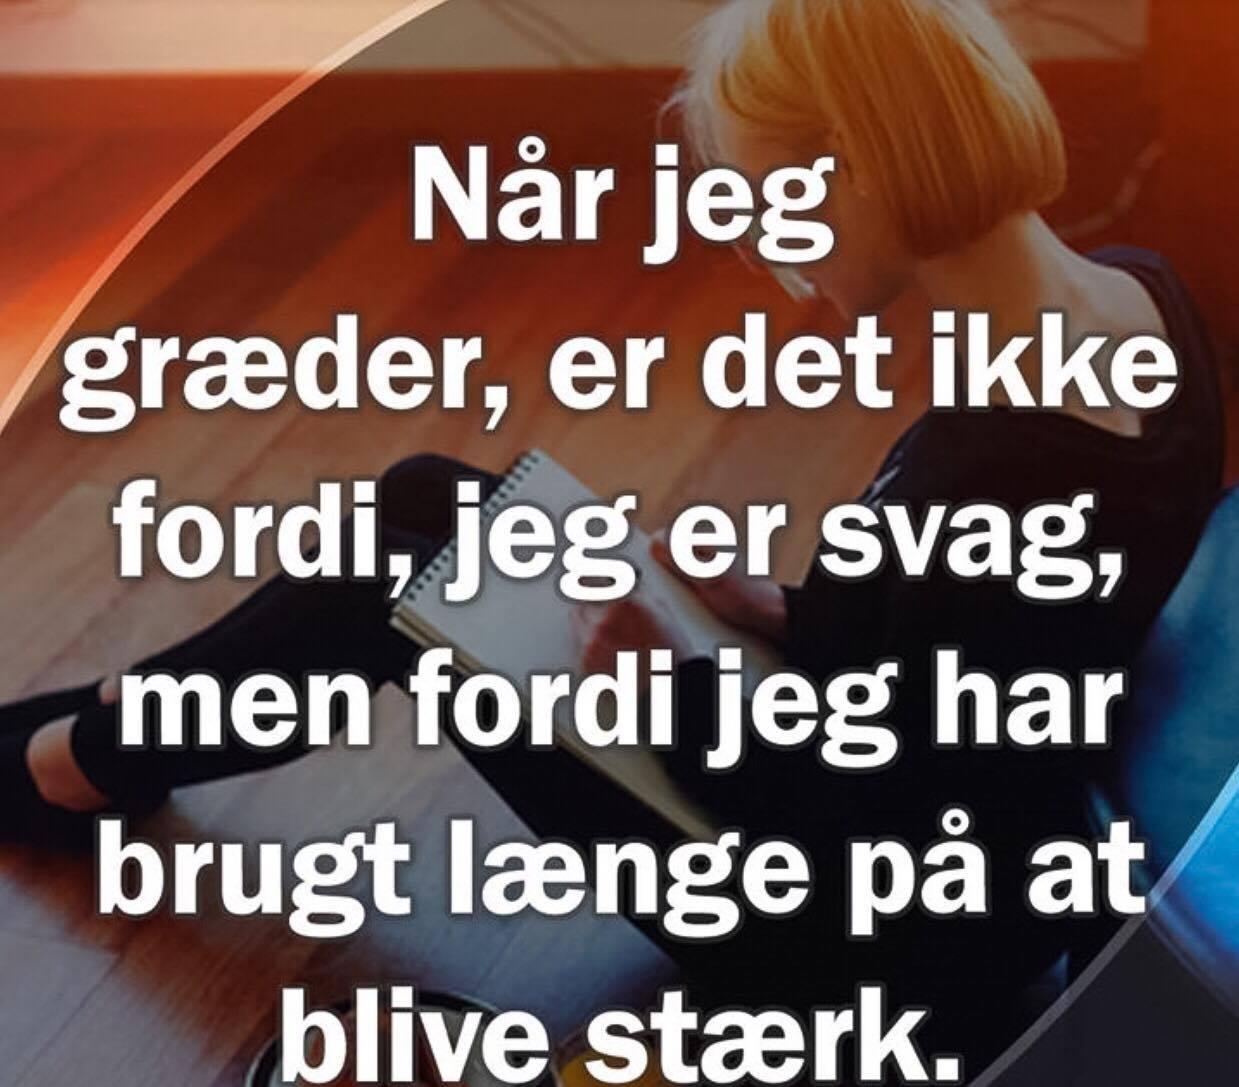 at være stærk citater stærk   TOP 20 citater, Danske citater, Visdom.dk har det bedste  at være stærk citater